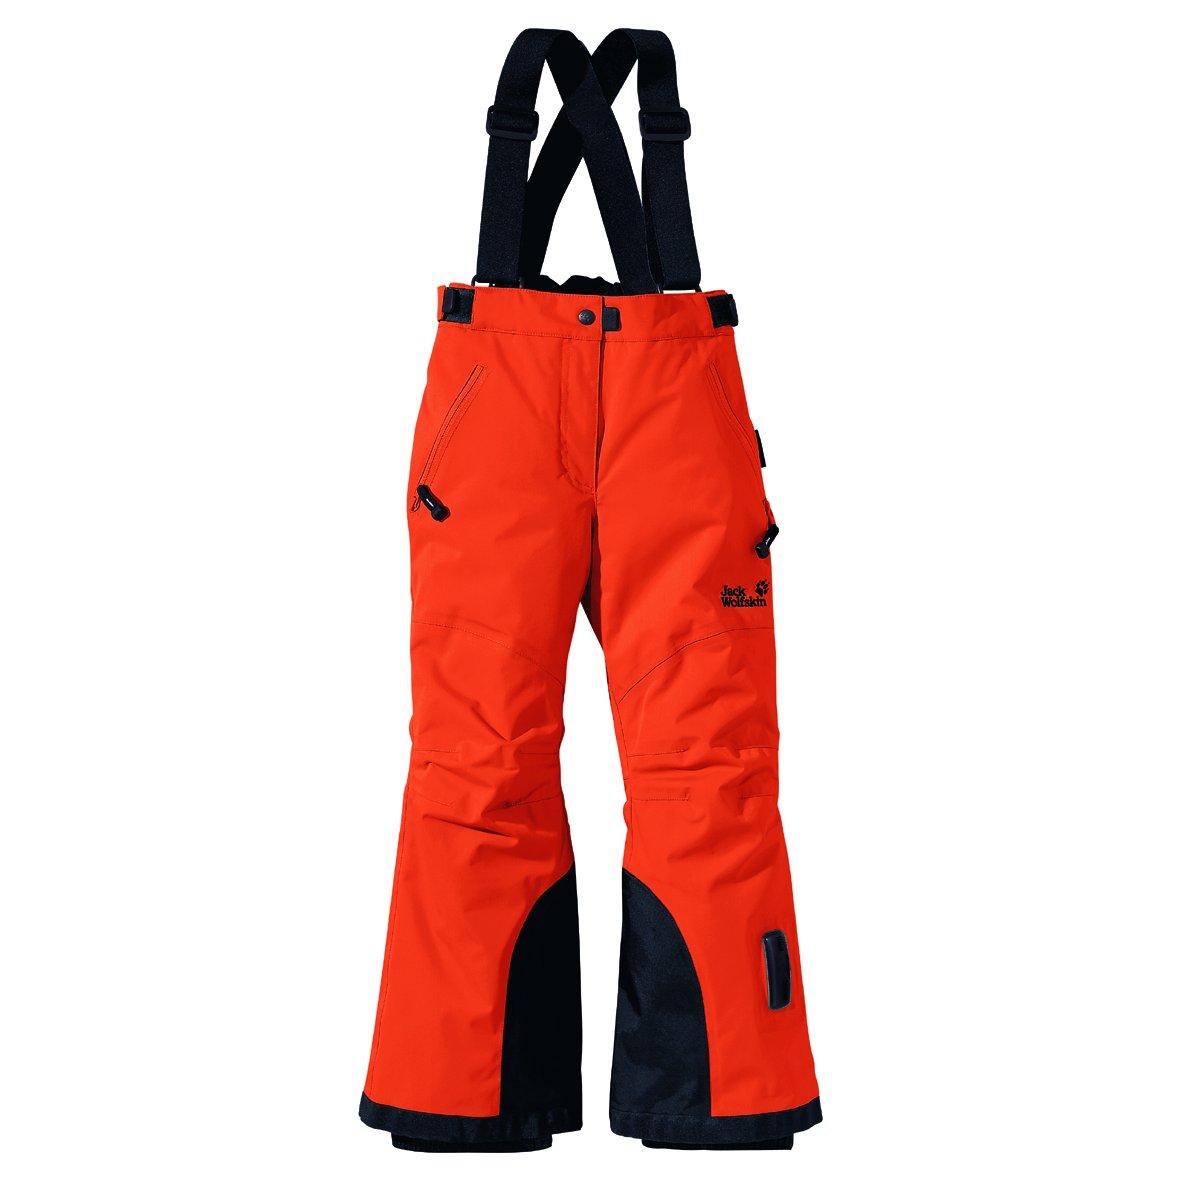 Jack Wolfskin Kids Ski Pants günstig bestellen